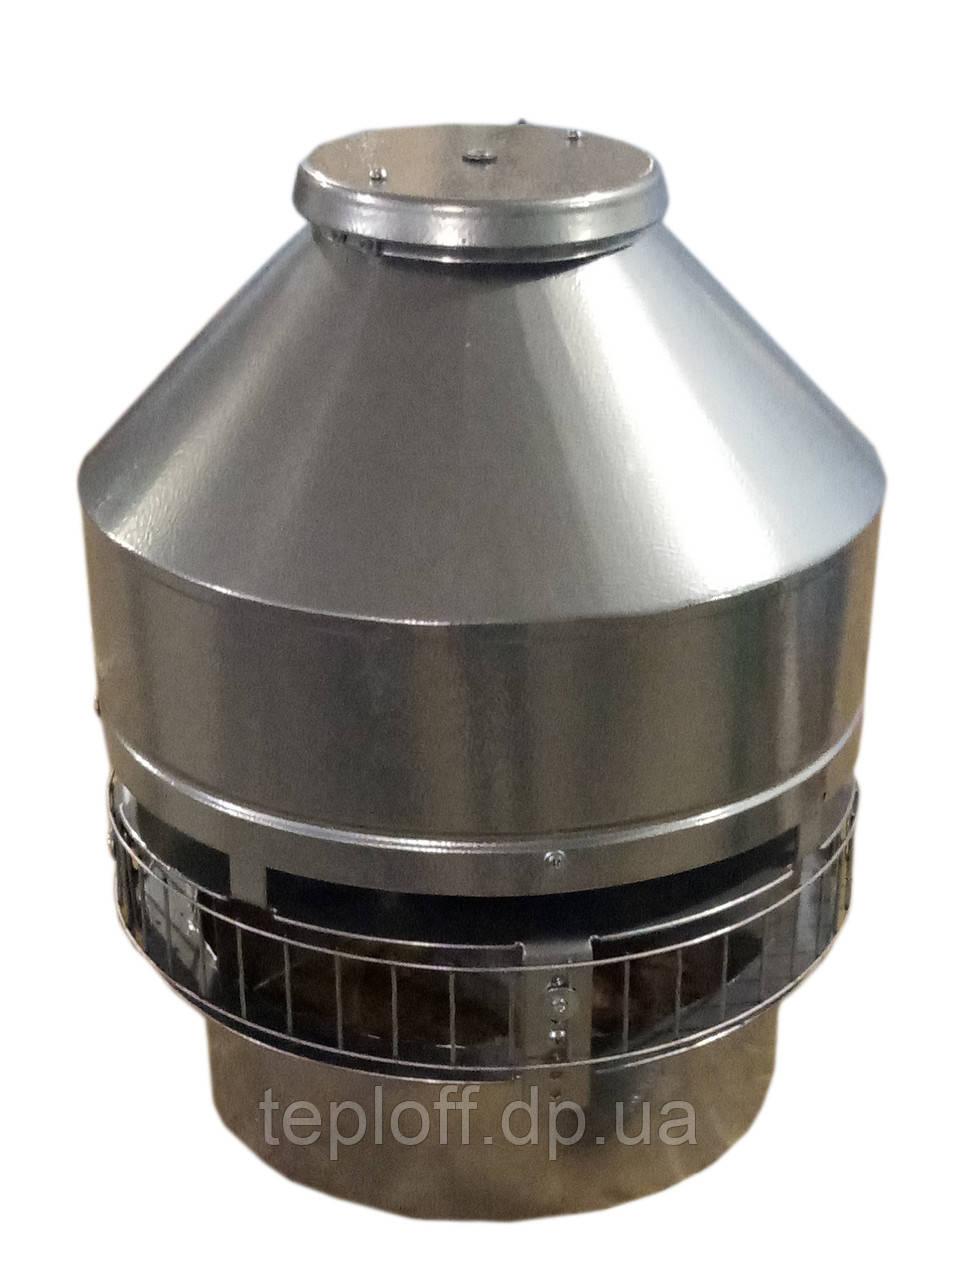 Дымосос крышный 1600м3/ч для камина, барбекю